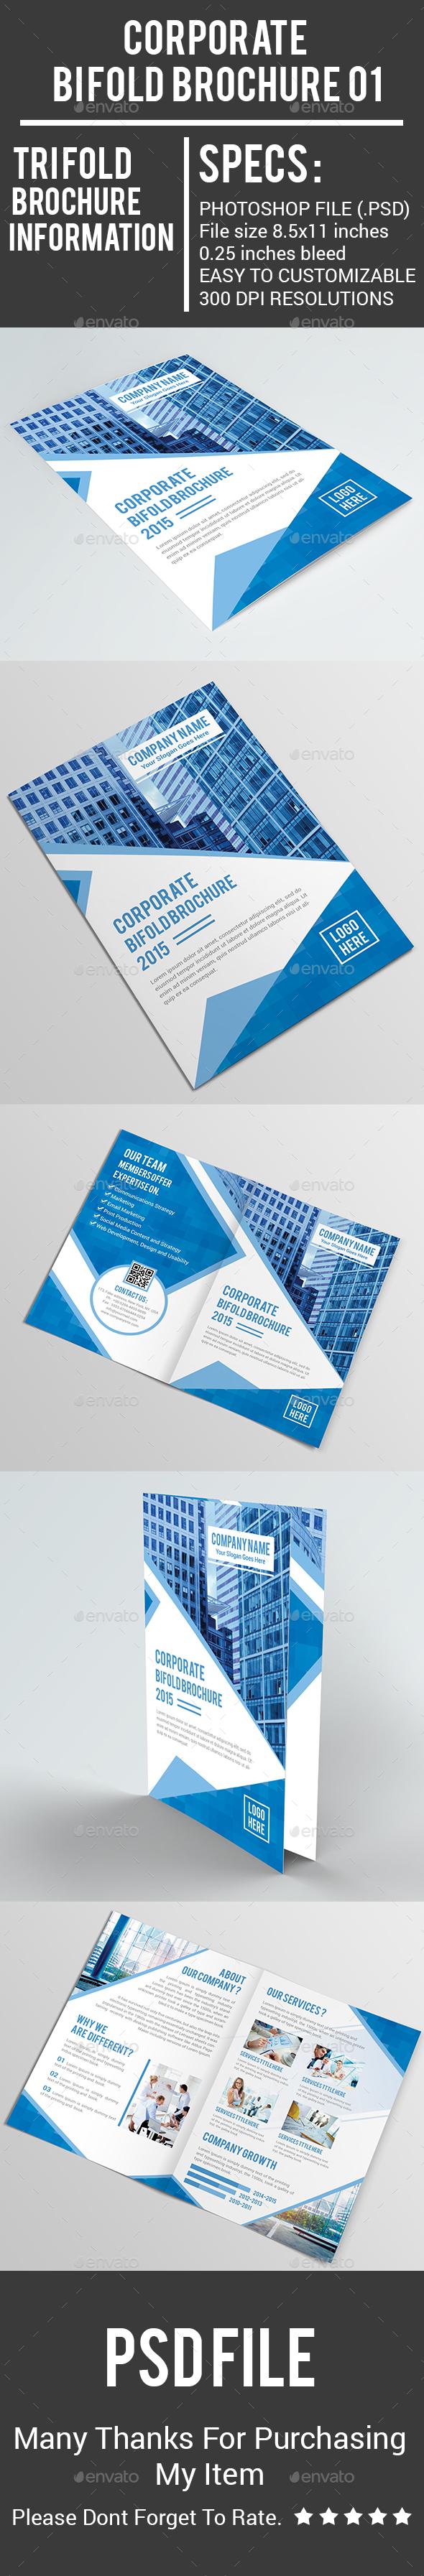 Corporate Bi Fold Brochure 01 - Corporate Brochures